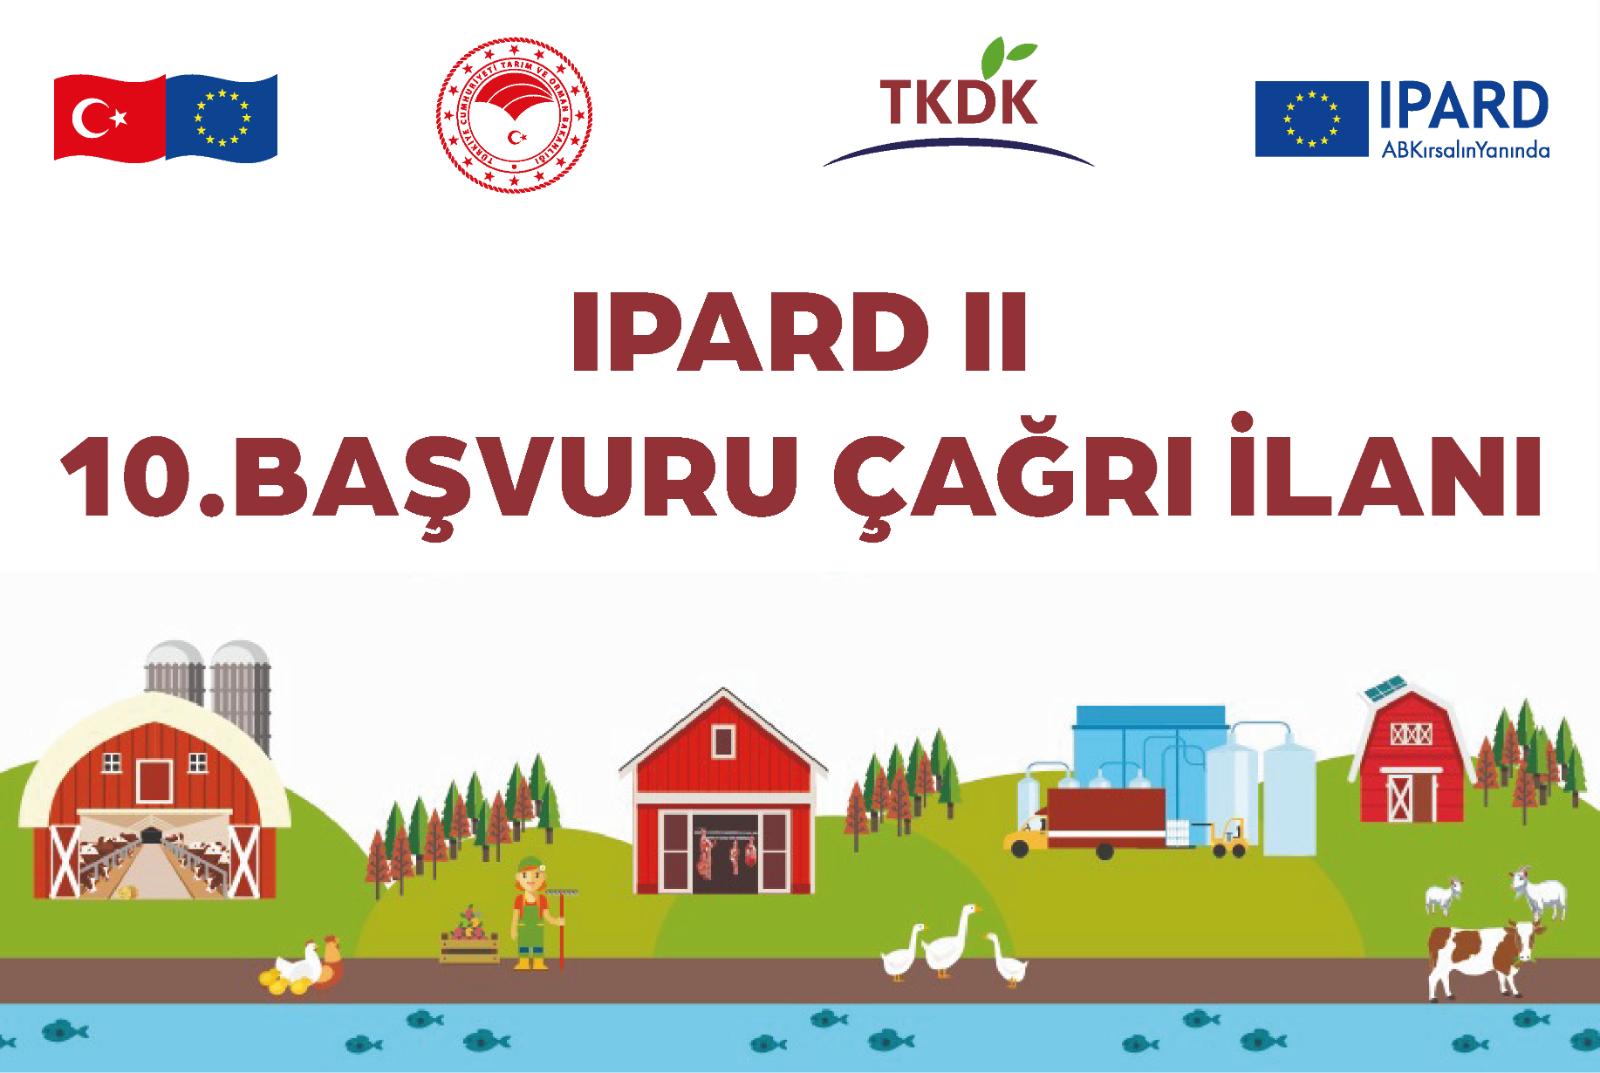 Tarım ve Kırsal Kalkınmayı Destekleme Kurumu'nun IPARD II 10.Proje Başvuru Çağrı İlanı Duyurusu